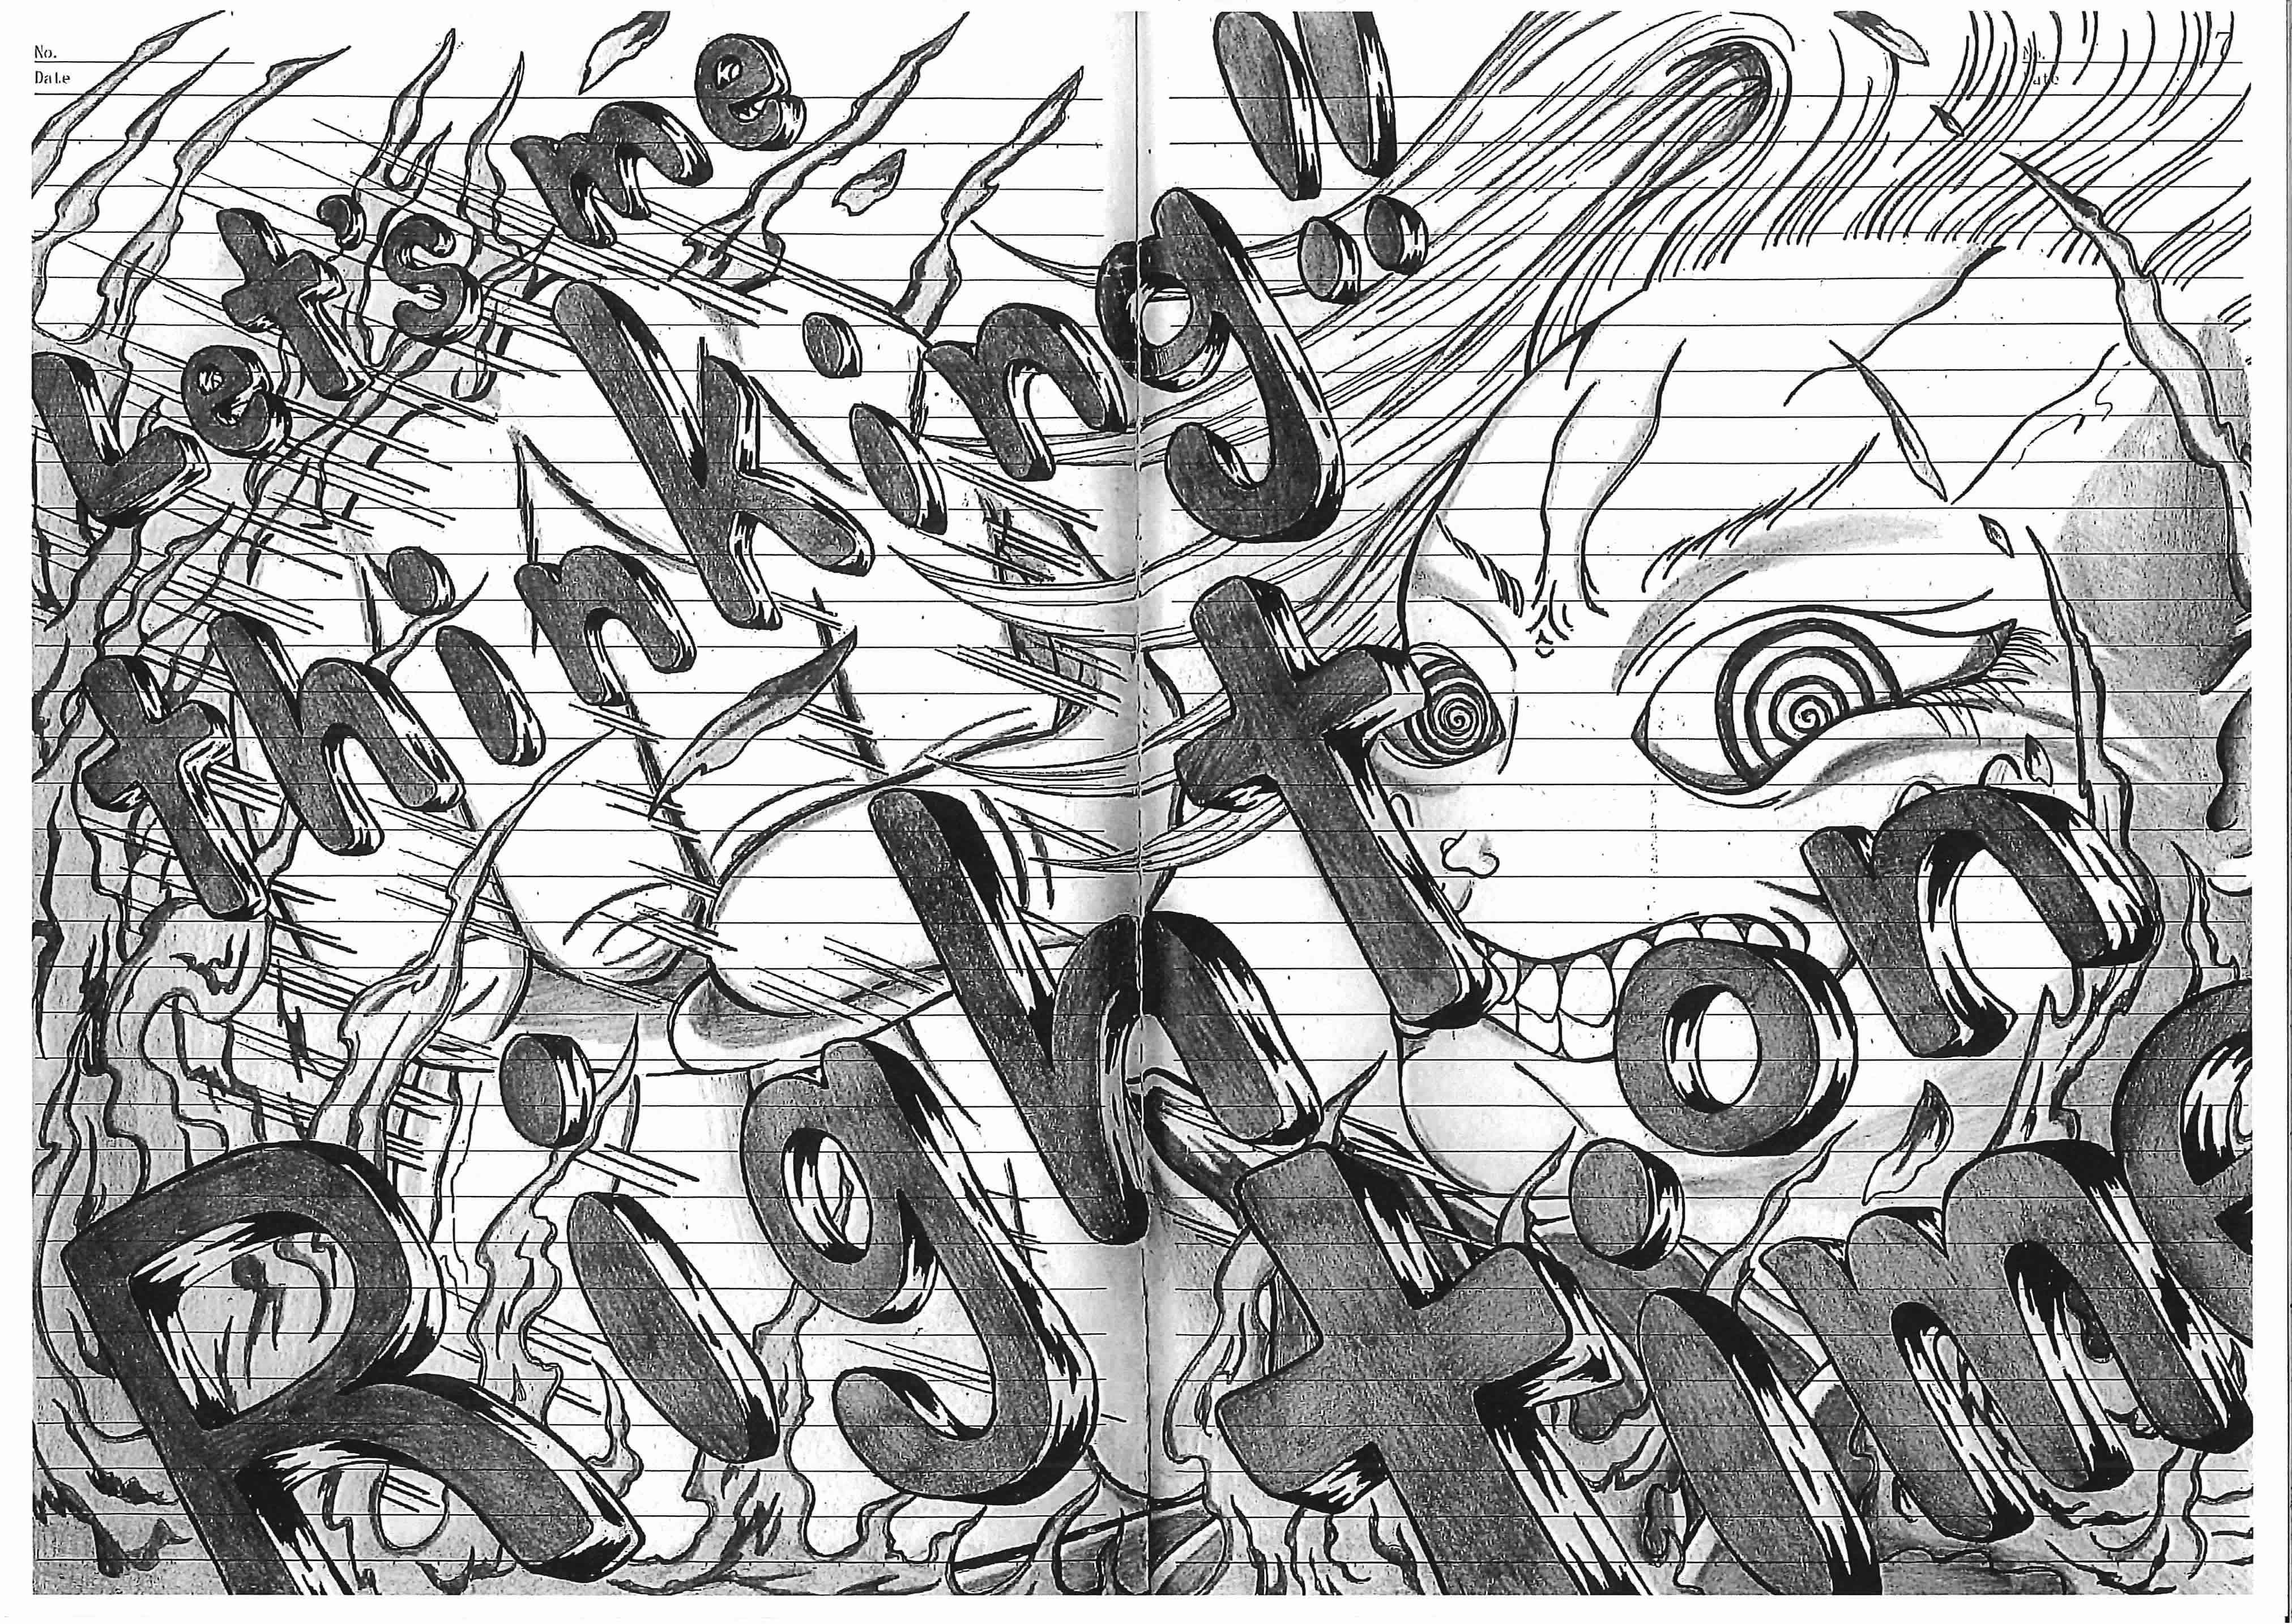 相模原障害者殺傷事件・植松聖被告が獄中で描いた漫画と気になる事柄